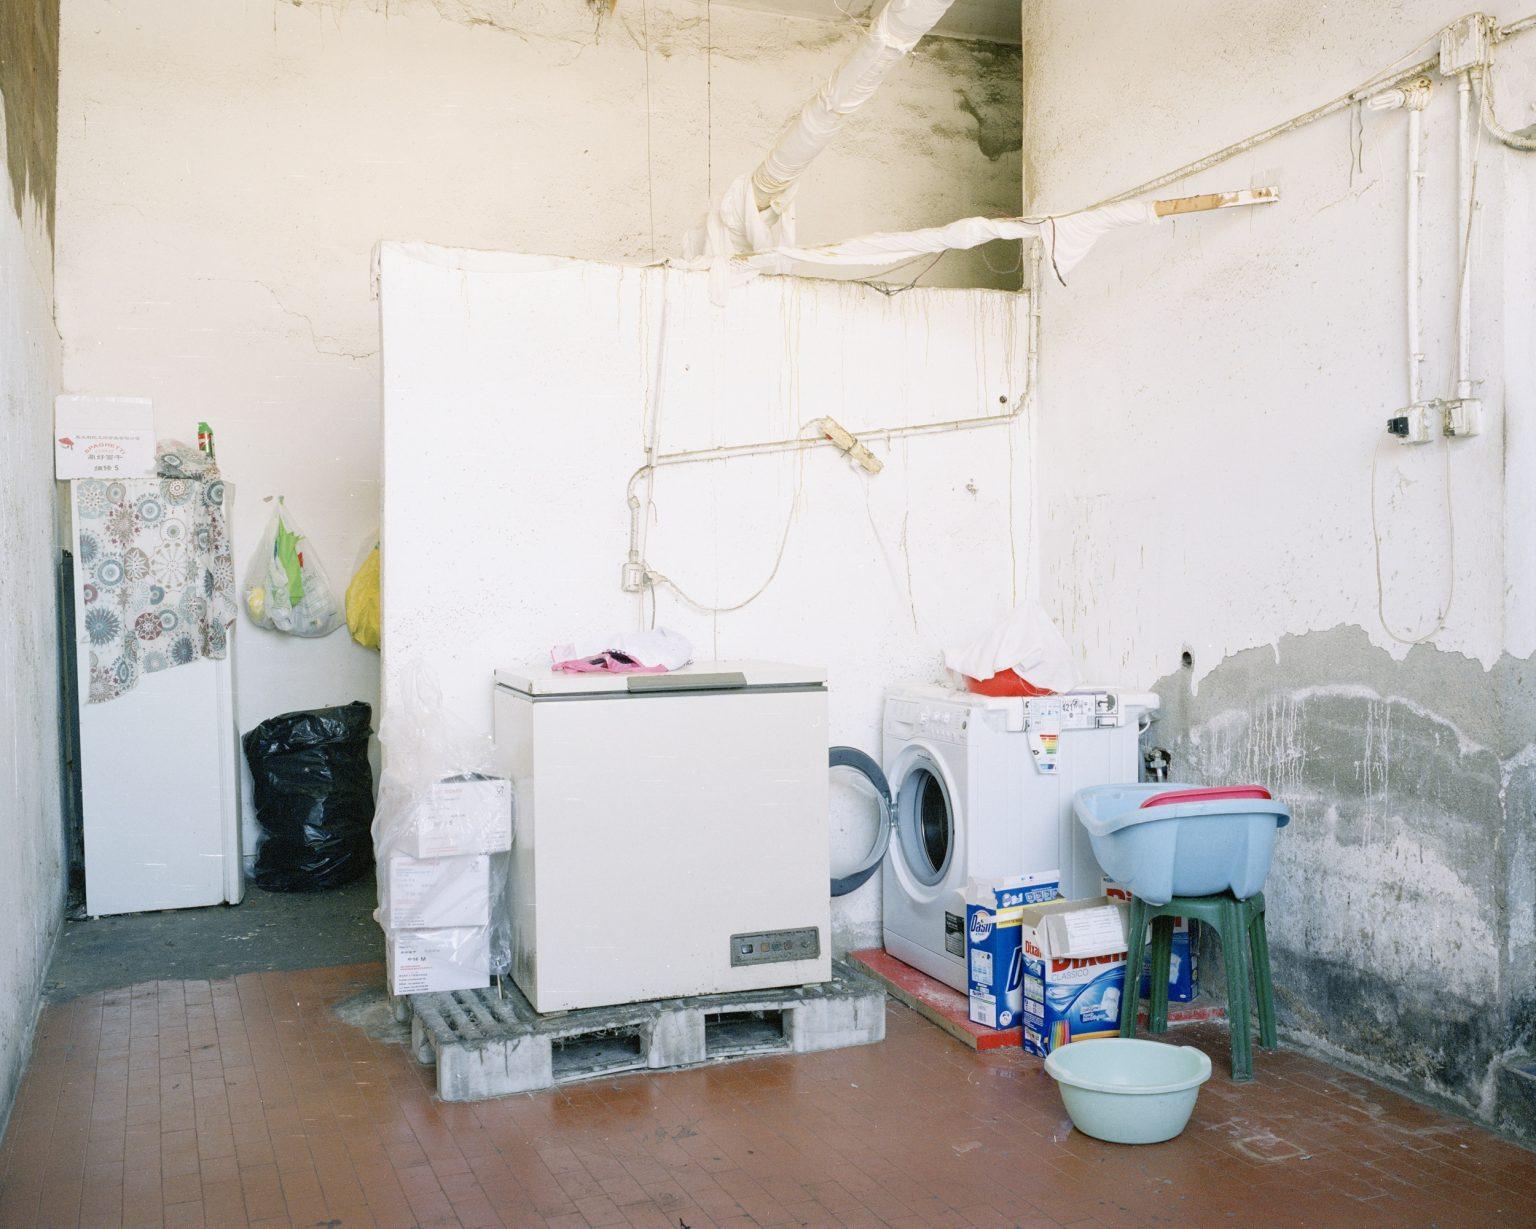 Textyle district, Prato.  Laundry in a Chinese textile workshop seized by the Municipal Police.   >< Distretto tessile del Macrolotto, Prato. lavanderia in un laboratorio tessile cinese posto sotto sequestro dalla Polizia Municipale di Prato.